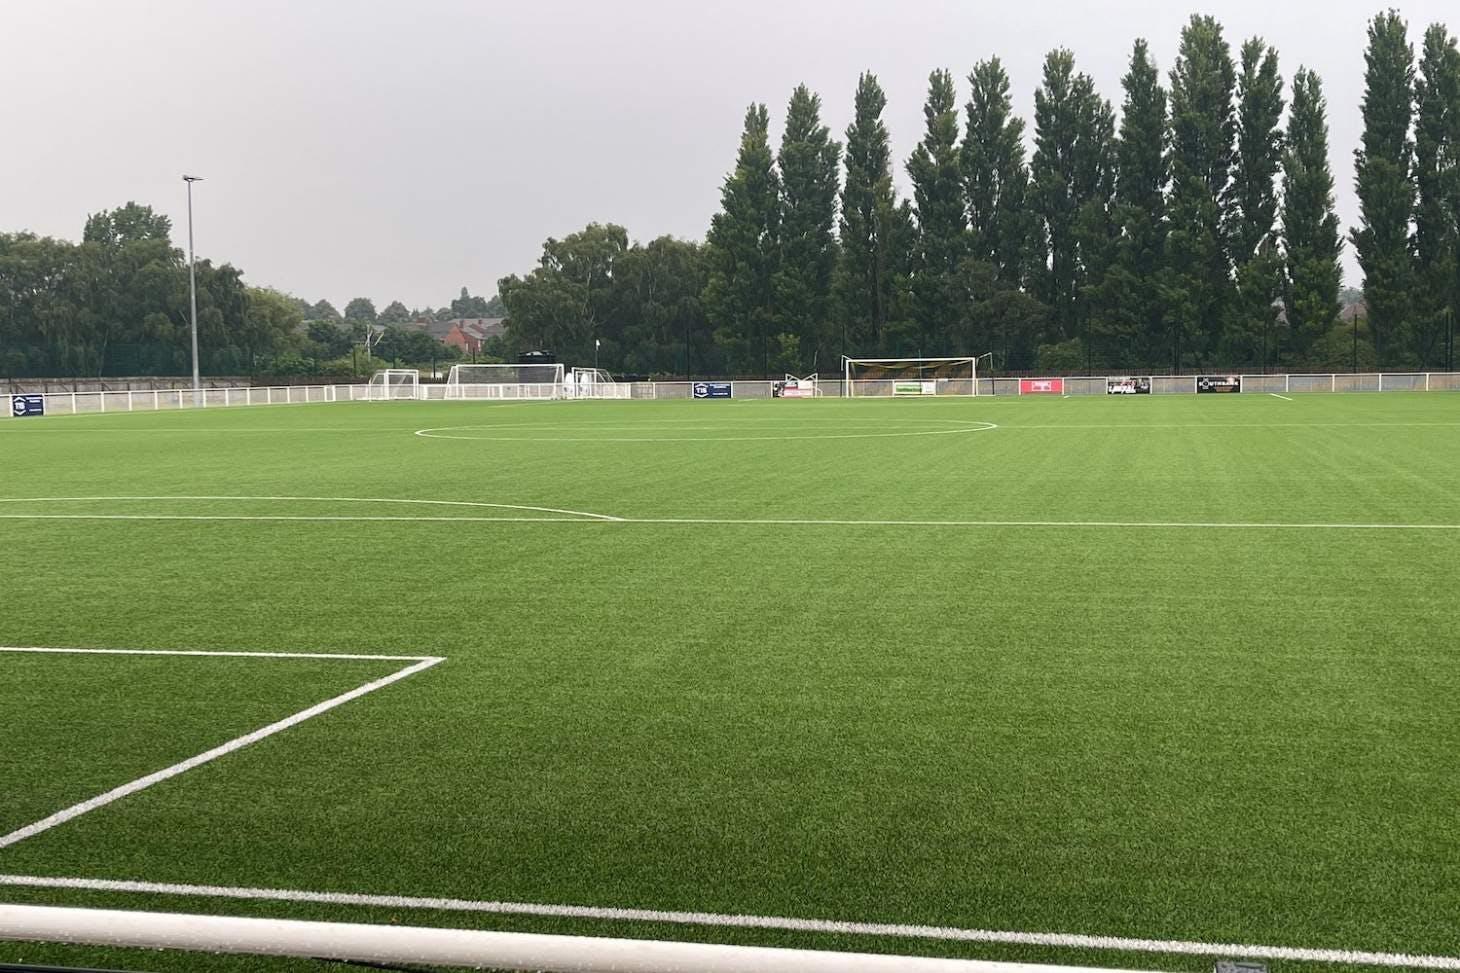 Basford United Football Club 9 a side | 3G Astroturf football pitch